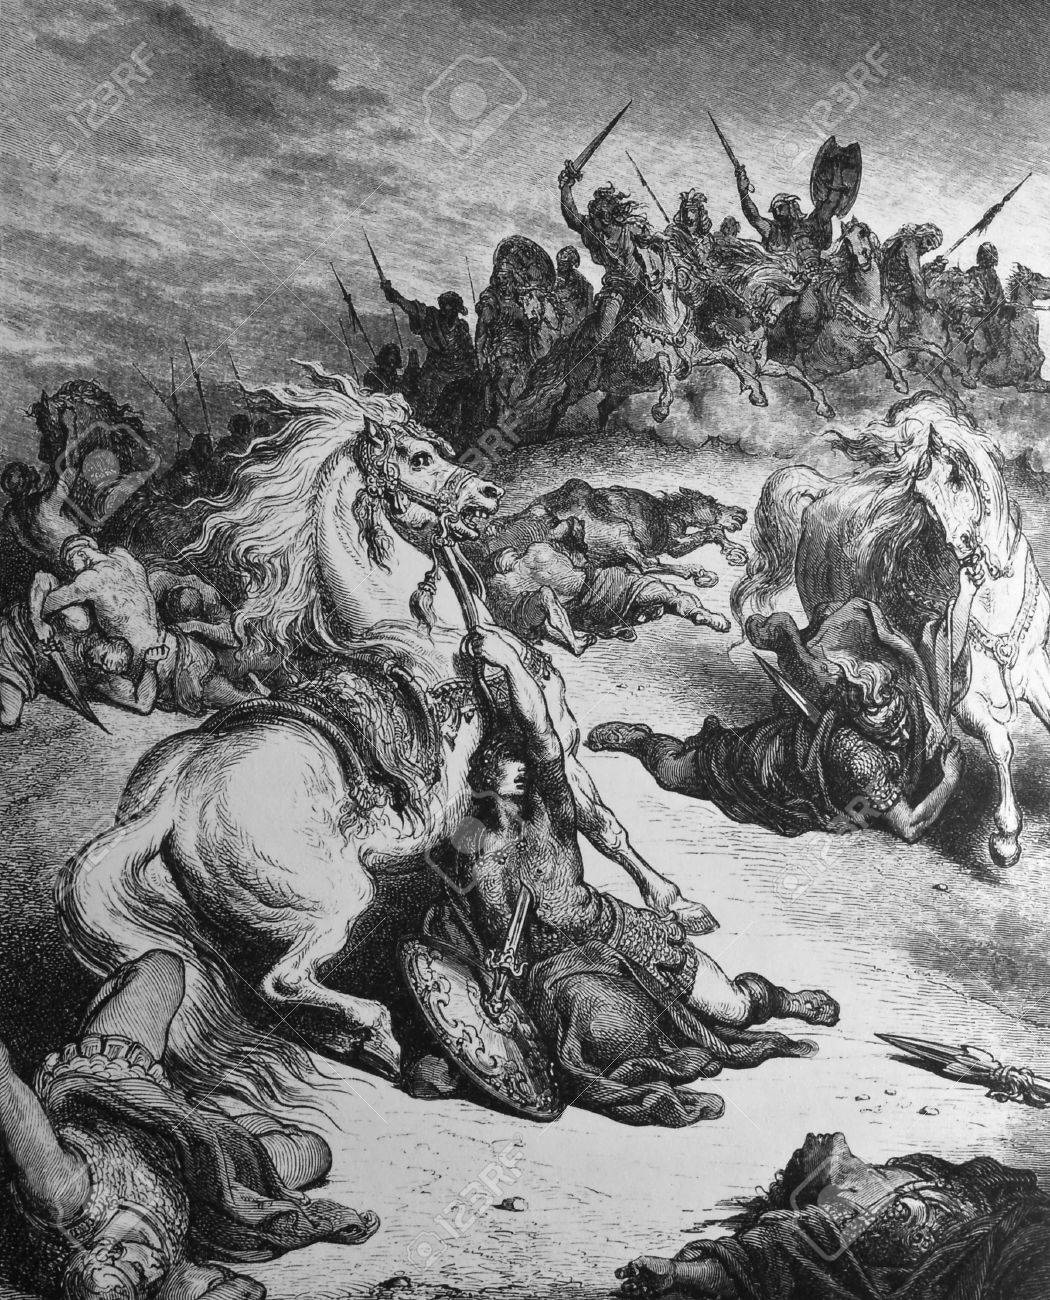 The death of King Saul  1  Le Sainte Bible  Traduction nouvelle selon la Vulgate par Mm  J -J  Bourasse et P  Janvier  Tours  Alfred Mame et Fils  2  1866 3  France 4  Gustave Dor� Stock Photo - 12994070